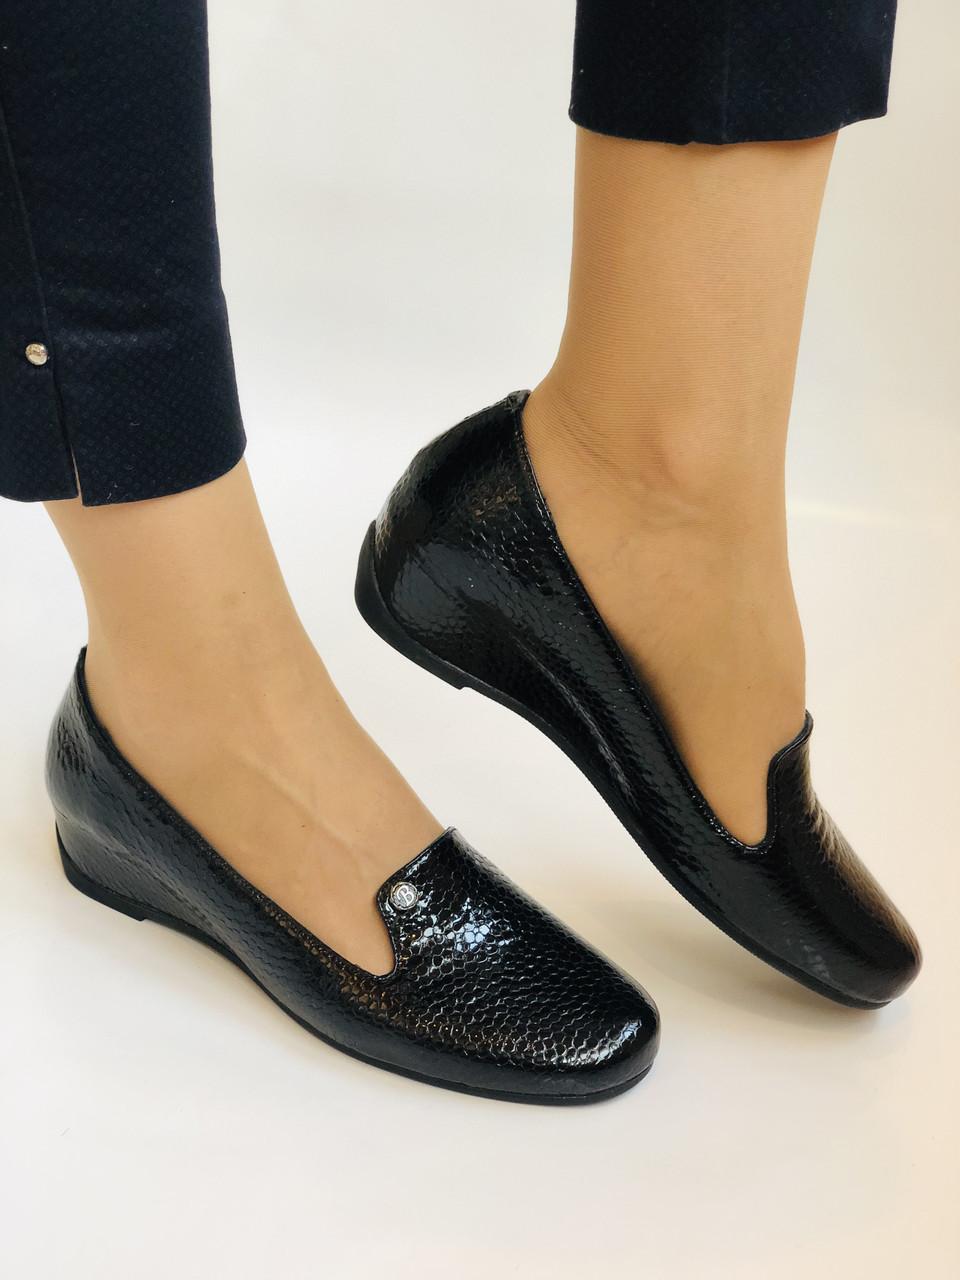 Хіт! Жіночі туфлі на низькій танкетці .Натуральна лакована шкіра.Туреччина. Висока якість 37,39